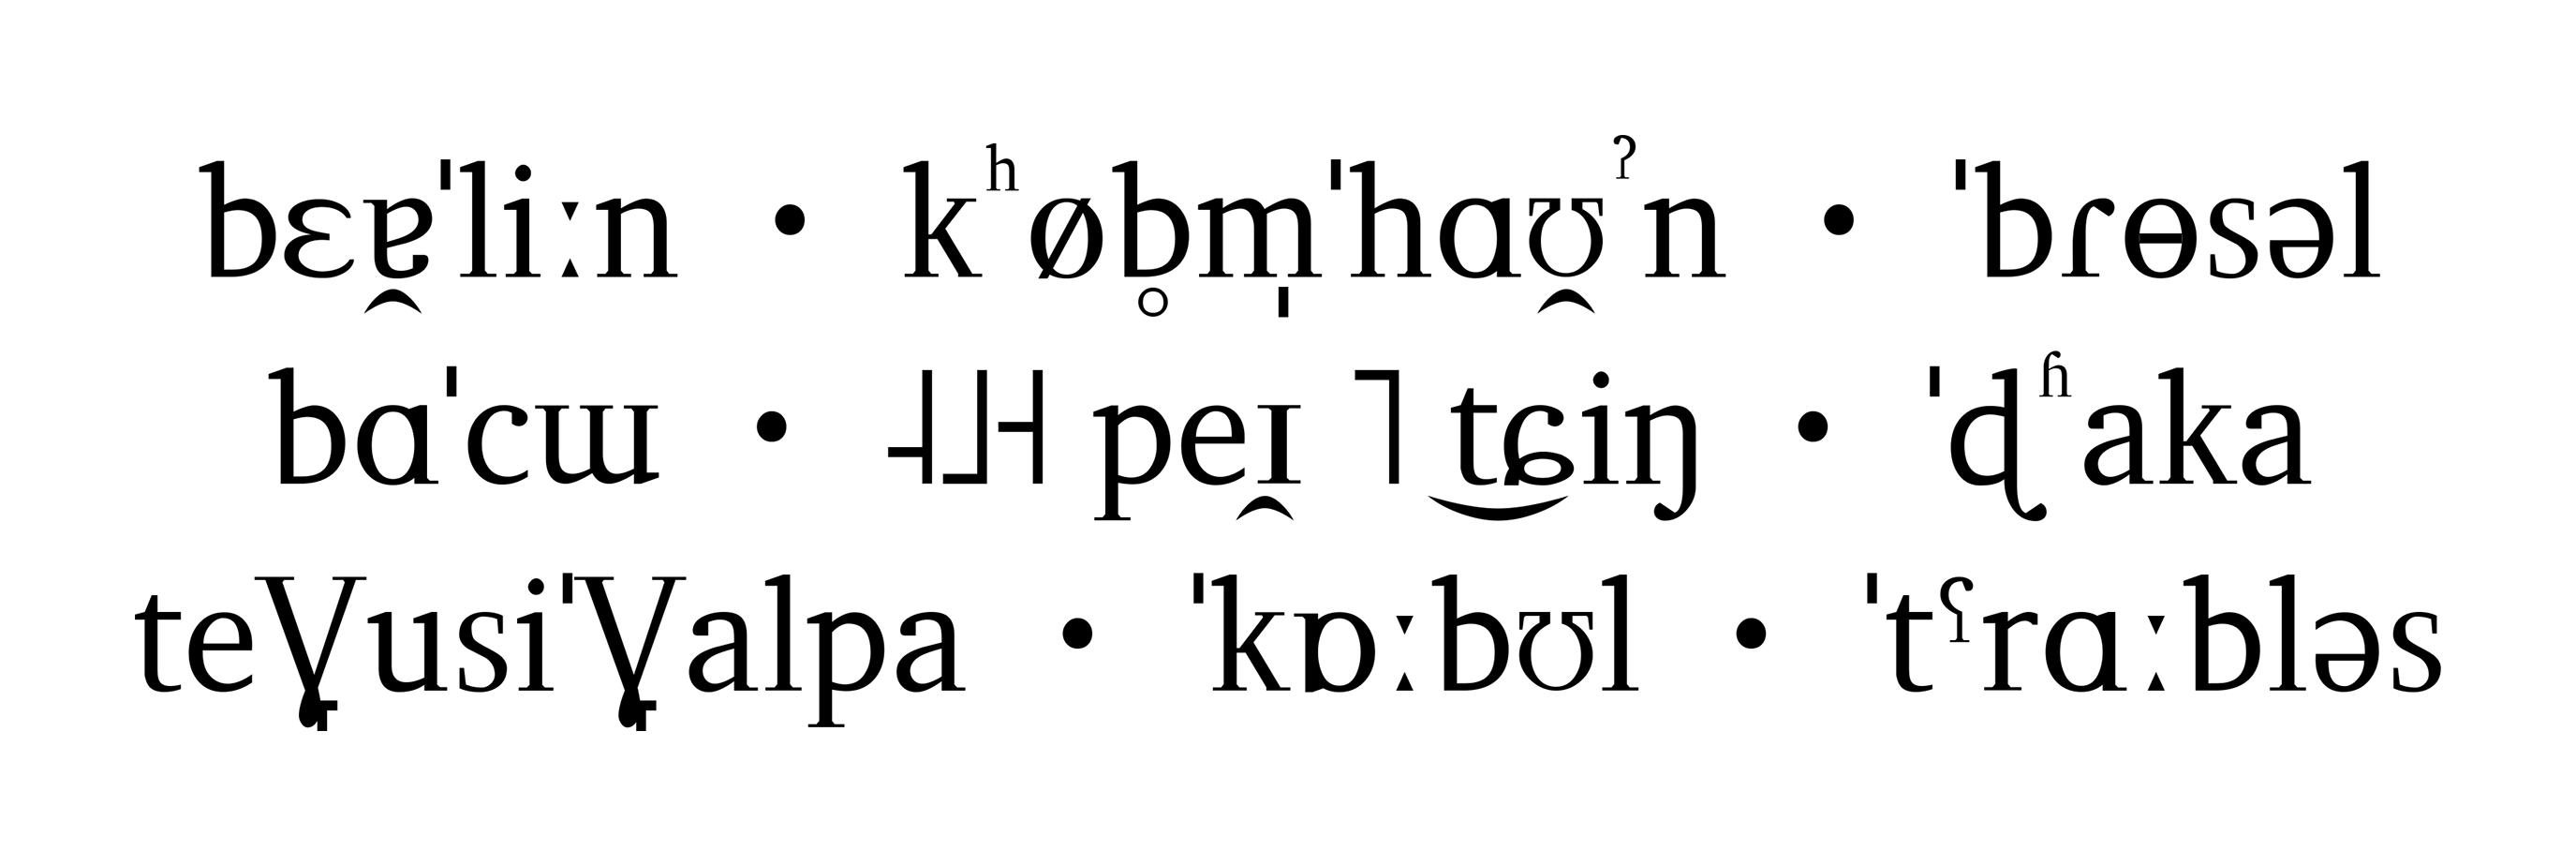 IPA-Schriftmuster der LeedsUni